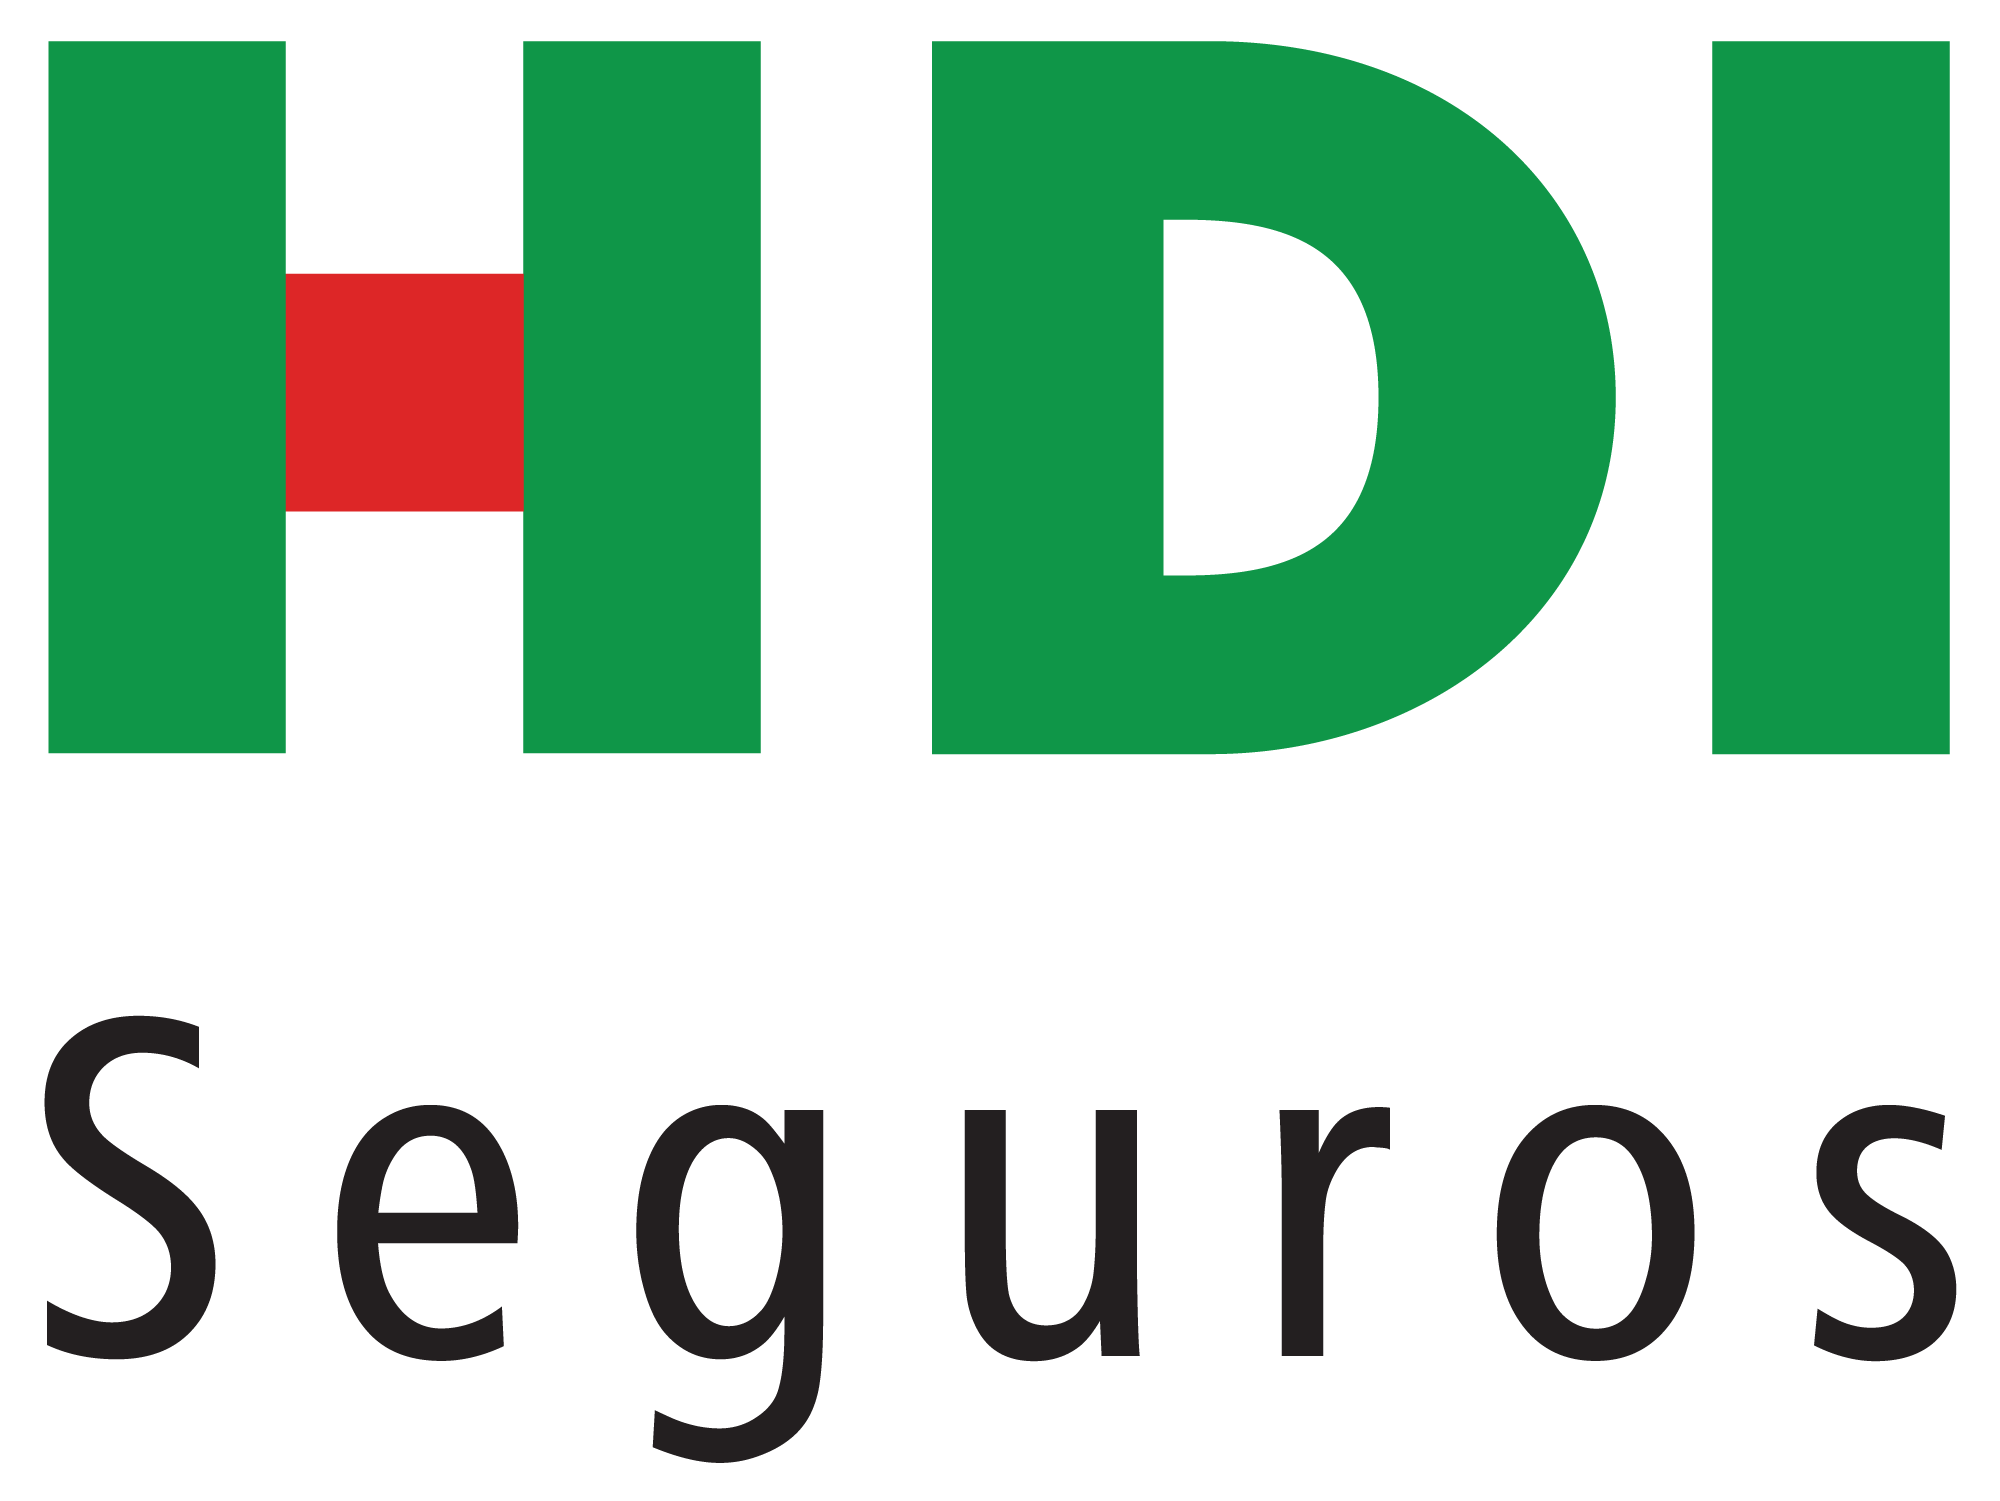 File:HDI Seguros.png.